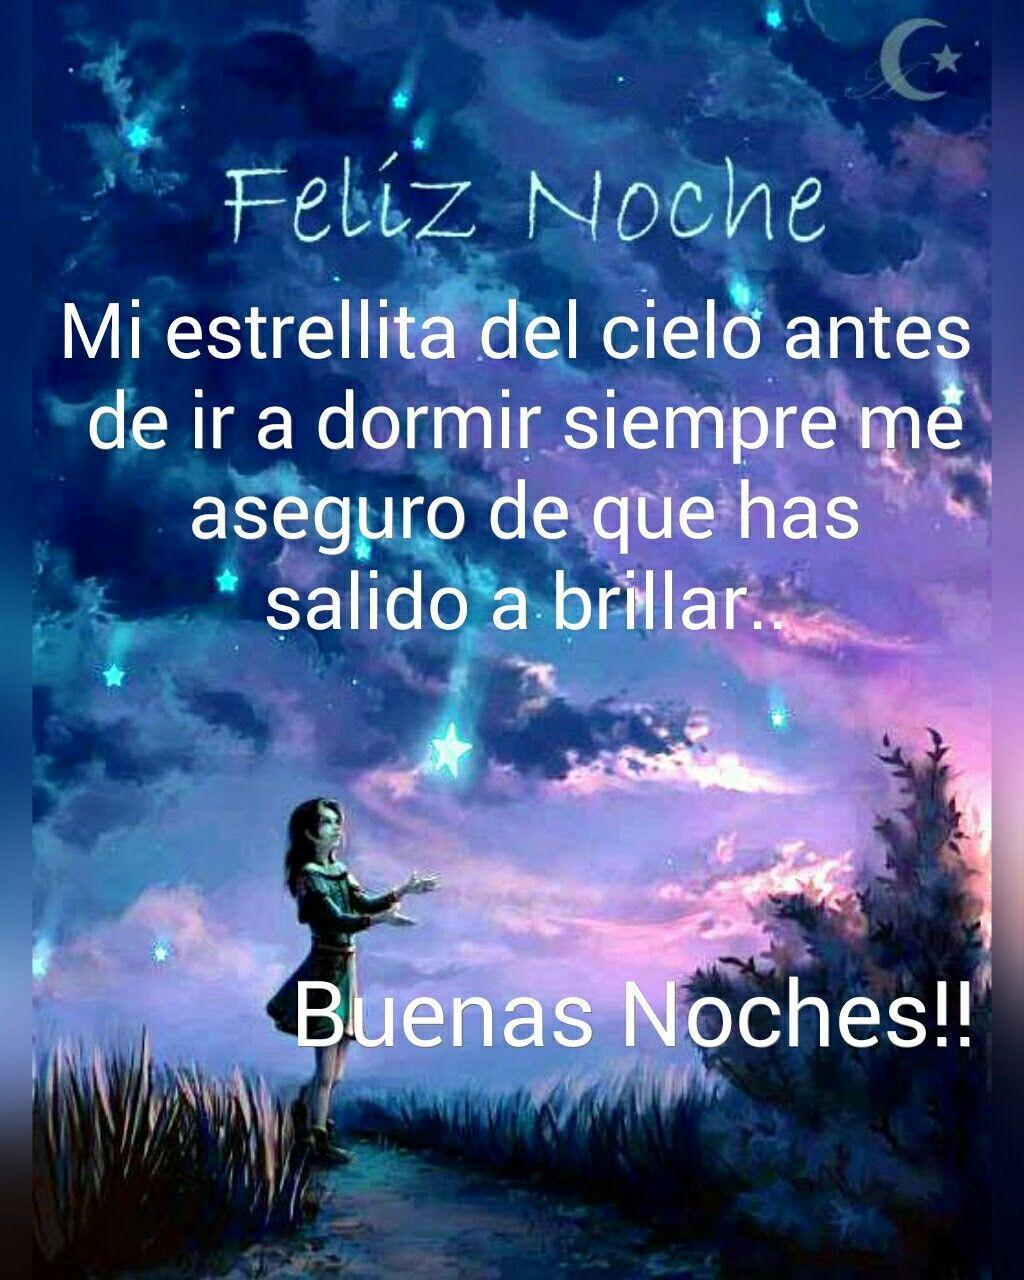 Buenas Noches Buenos Dias Buenas Tardes Frase Buenos Dias Frases Buenisimas Buena Tarde Dulces Sue±os Buenos Das Madres Noche